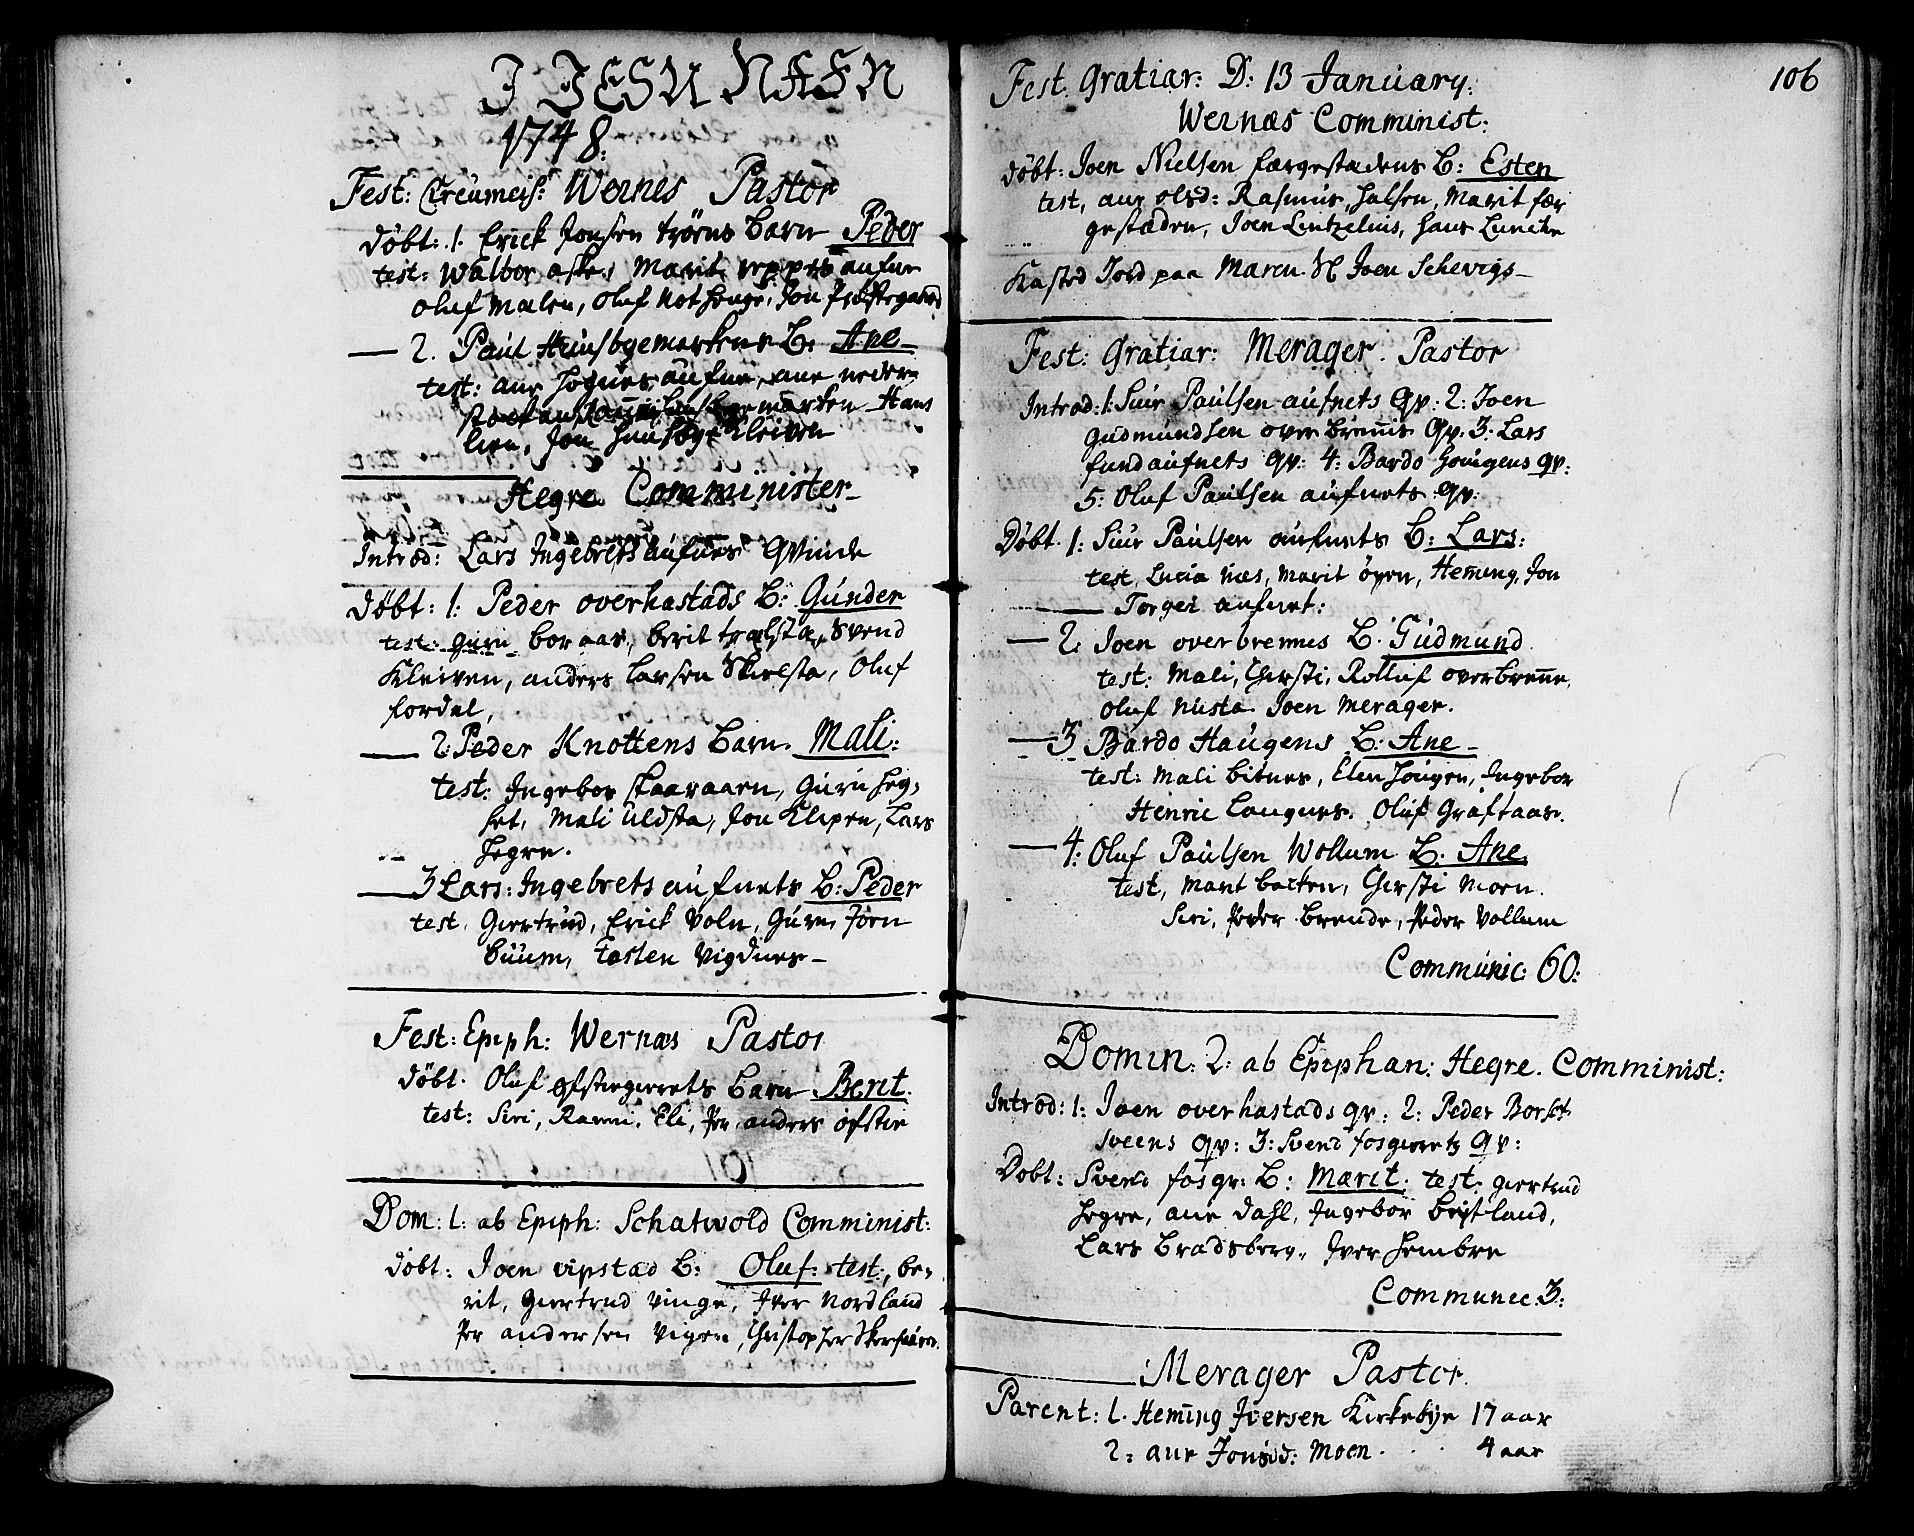 SAT, Ministerialprotokoller, klokkerbøker og fødselsregistre - Nord-Trøndelag, 709/L0056: Ministerialbok nr. 709A04, 1740-1756, s. 106